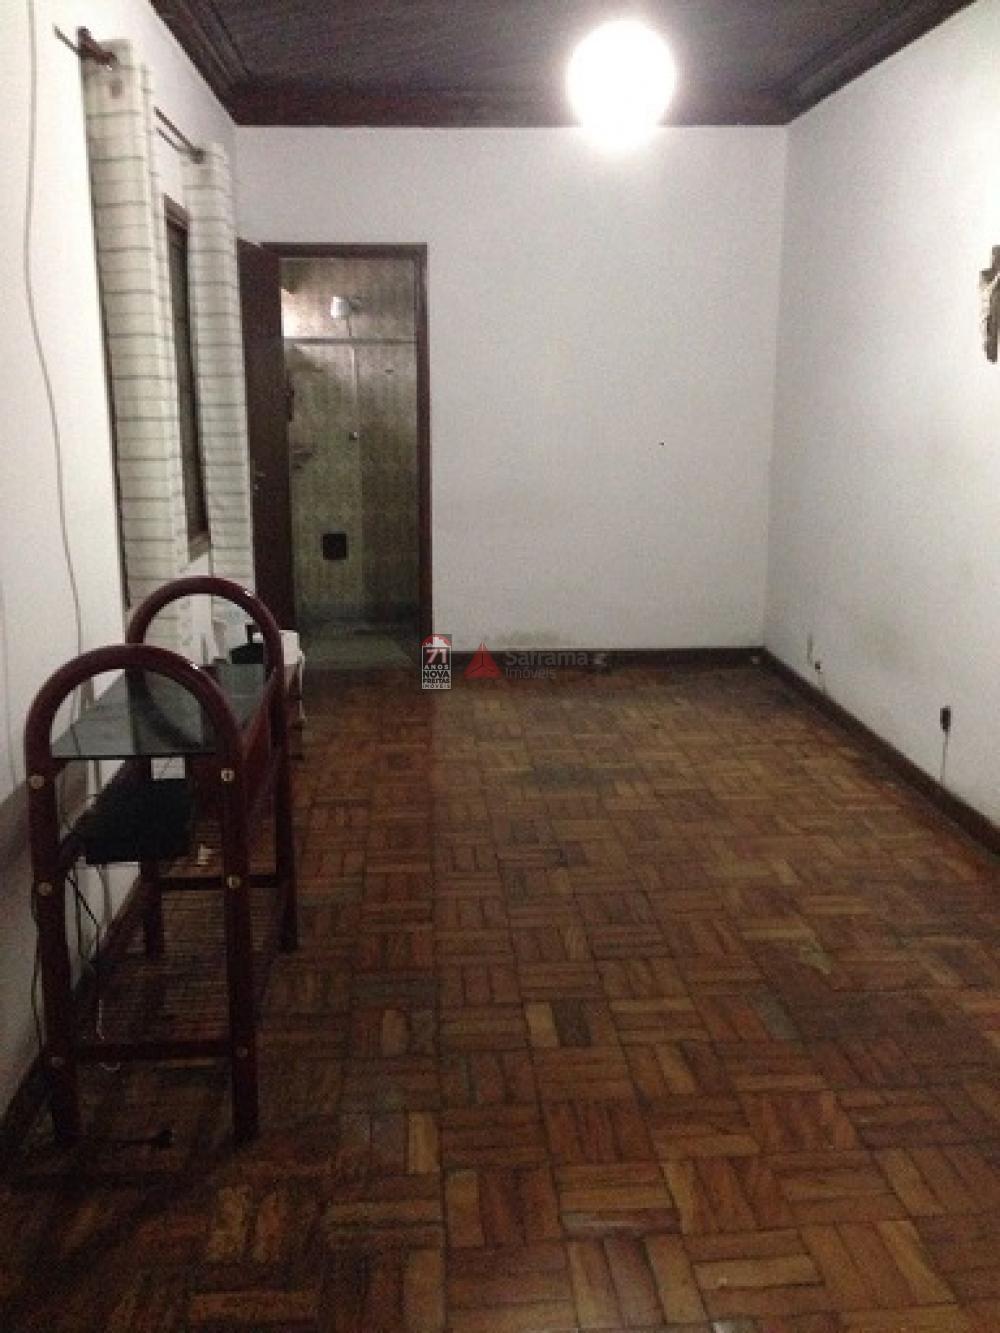 Comprar Casa / Padrão em Pindamonhangaba apenas R$ 600.000,00 - Foto 5